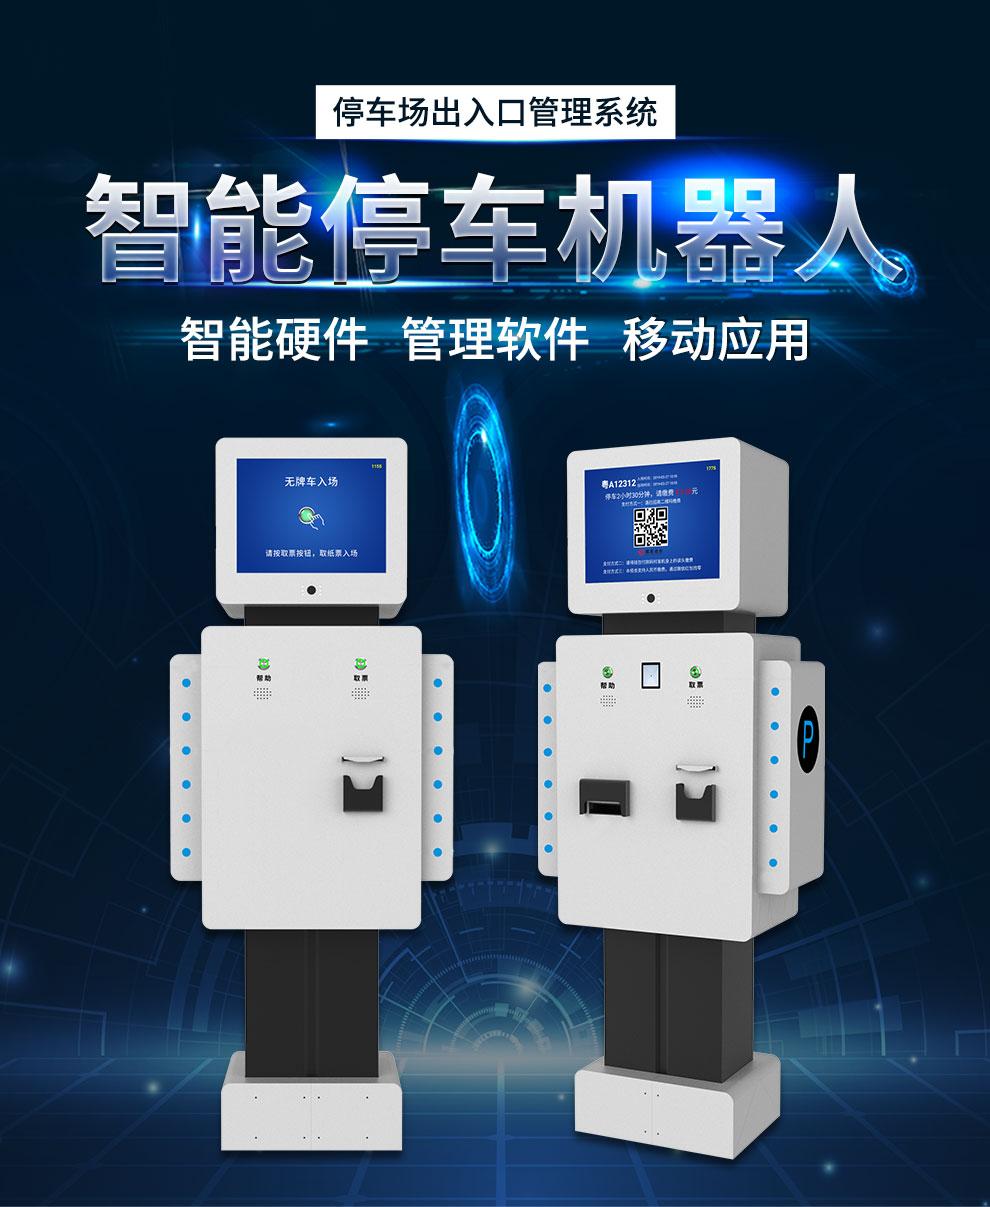 机器人1525_01.jpg